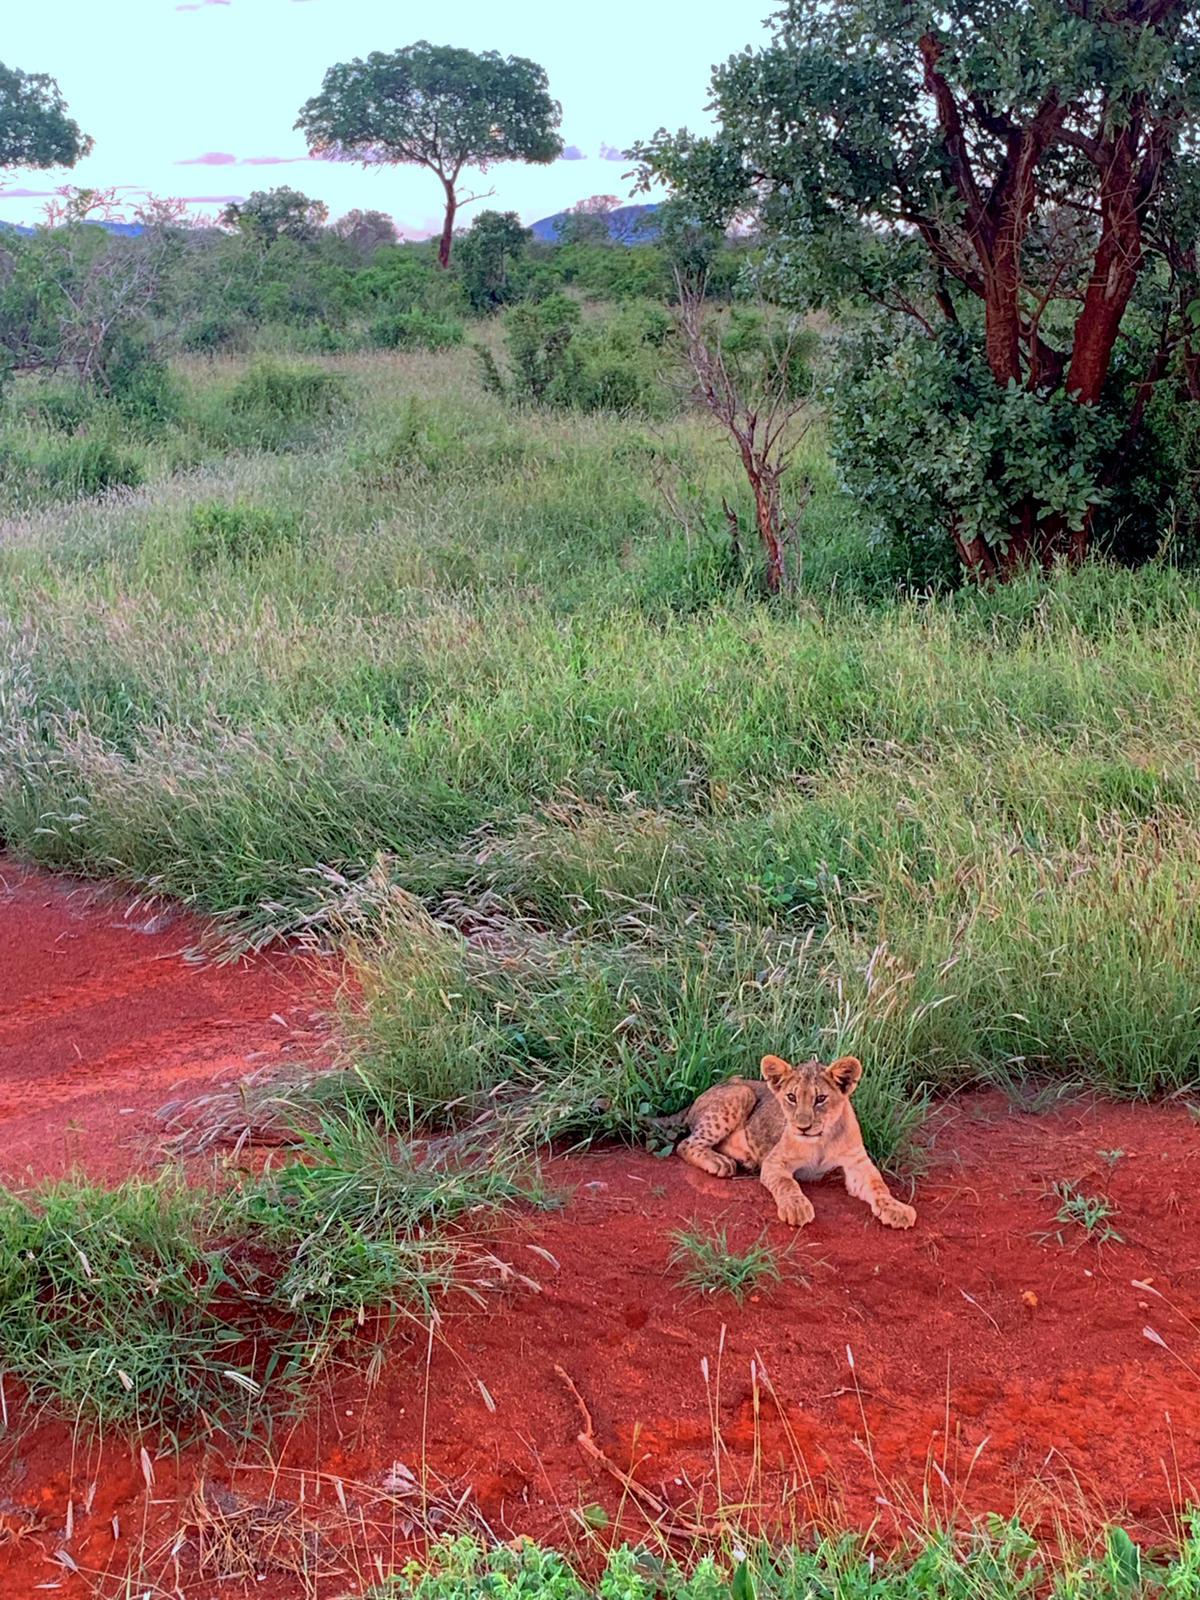 WhatsApp Image 2019 12 16 at 13.45.321 - Safari Samburu . Olpejeta . Lago Nakuru . Lago Bogoria . Lago Naivasha . Masai Mara . Nairobi . Amboseli . Tsavo Ovest . Taita Hills . Tsavo Est